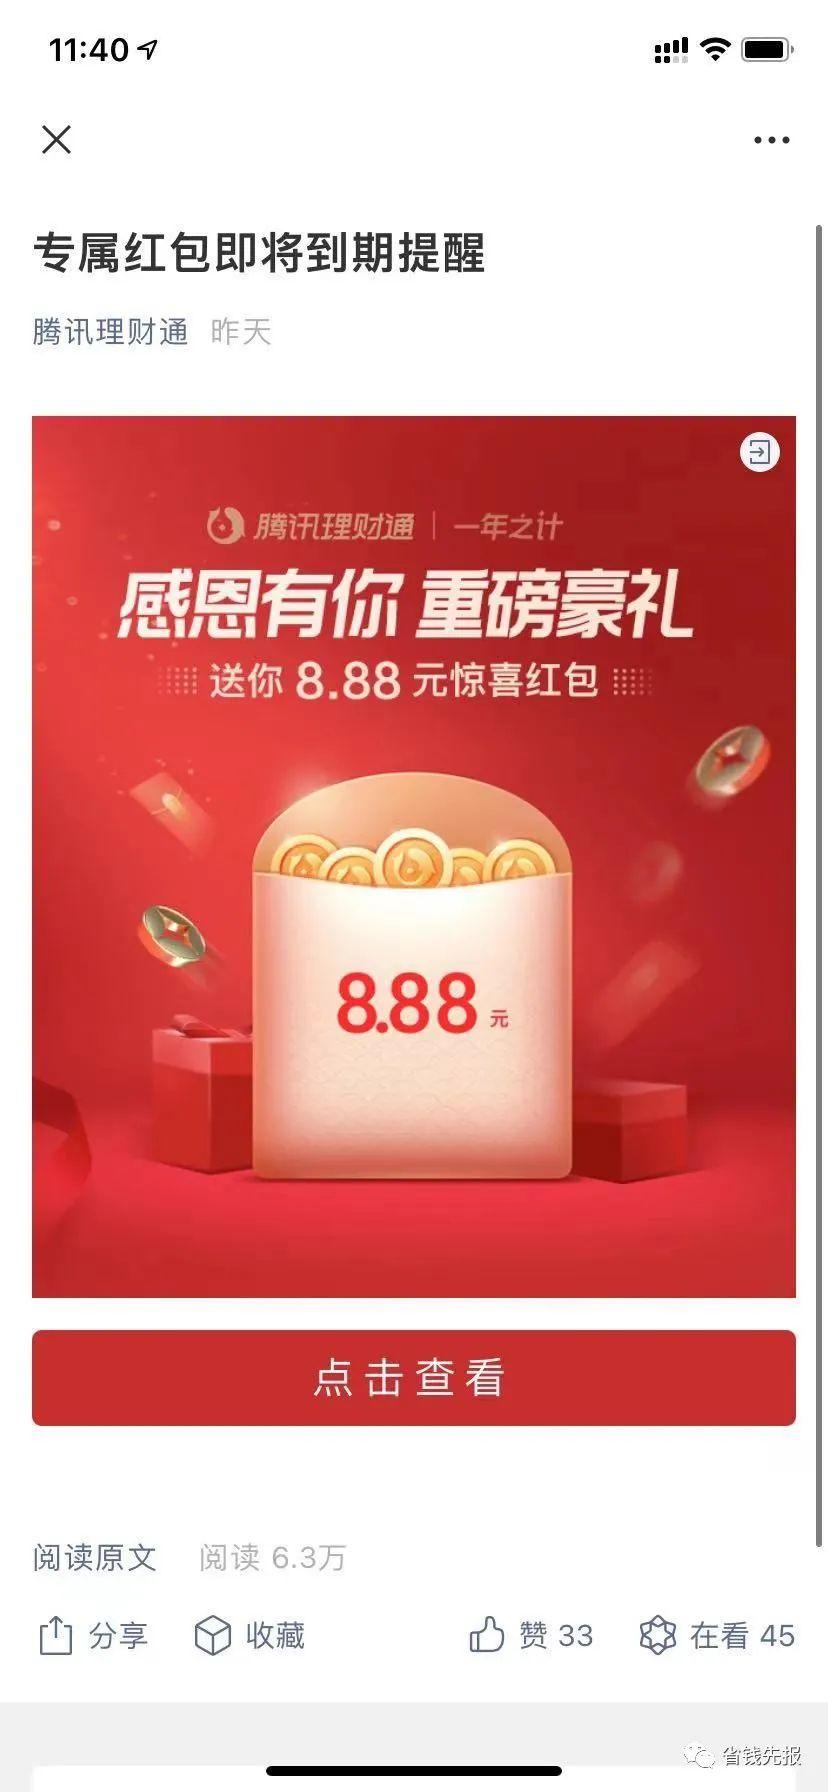 理财通微信红包8.8+10.88元!